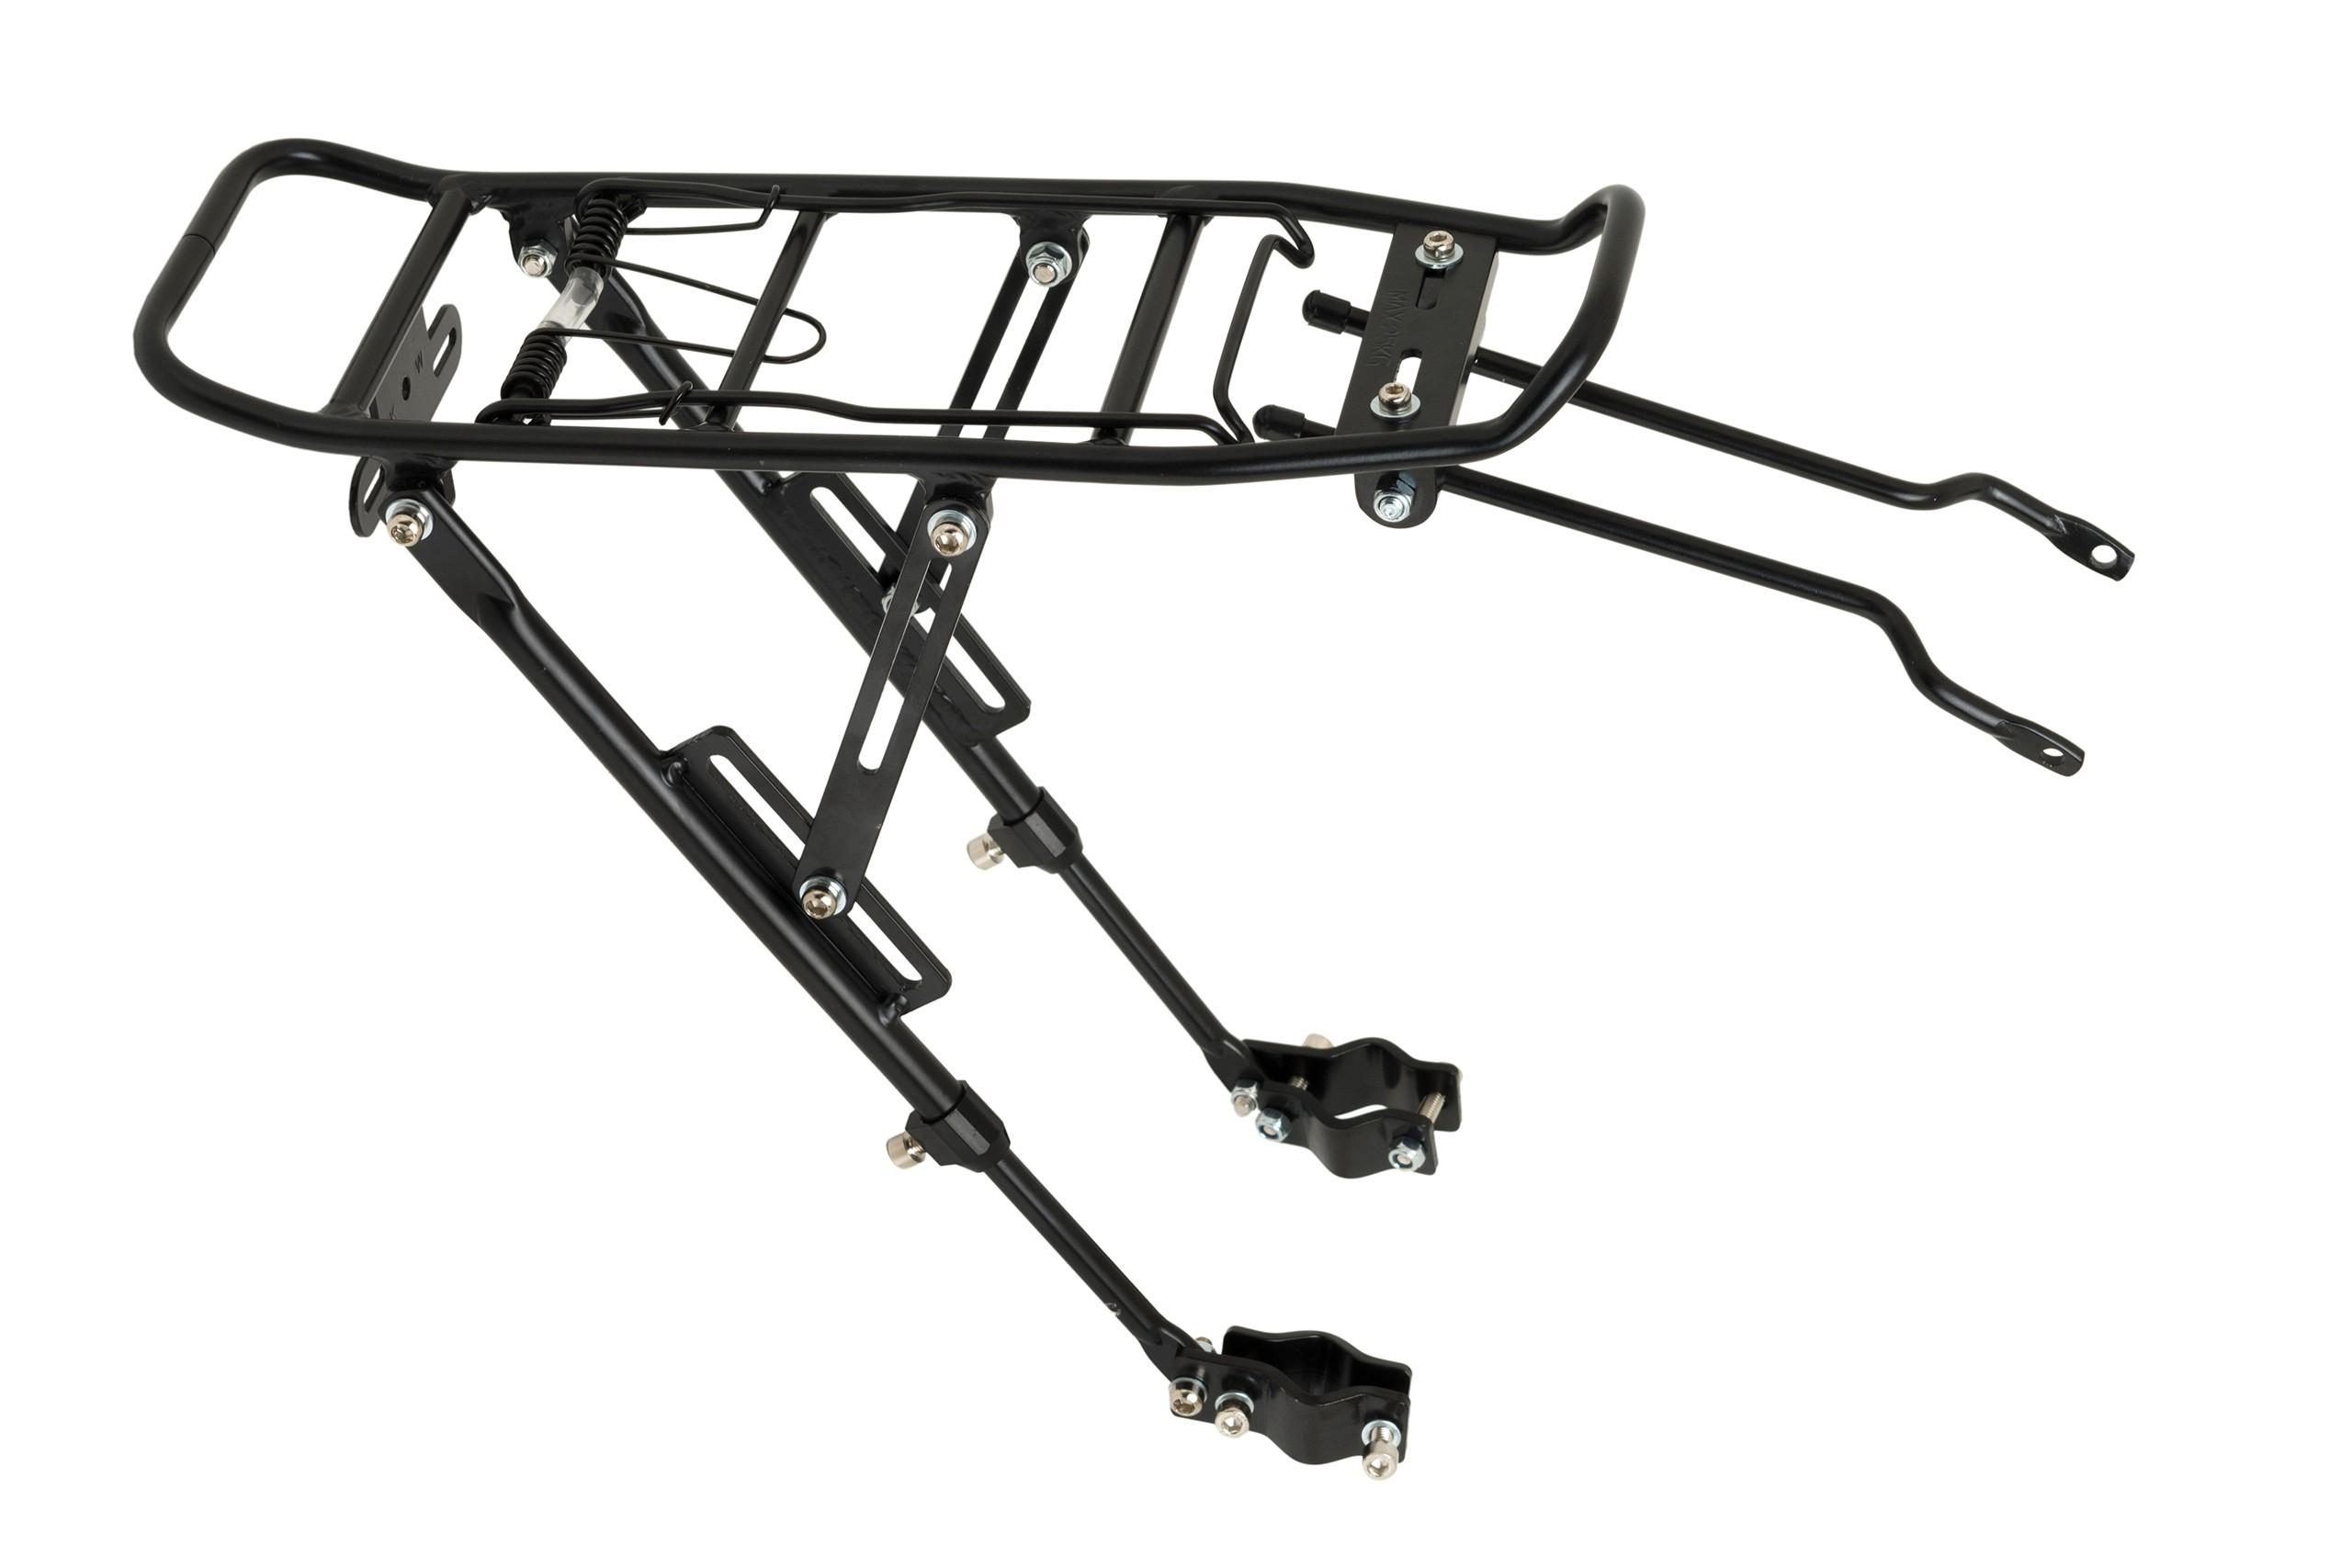 Bagażnik 20/28 regulowany aluminiowy mocowany na tylnym widelcu pod tarcze czarny